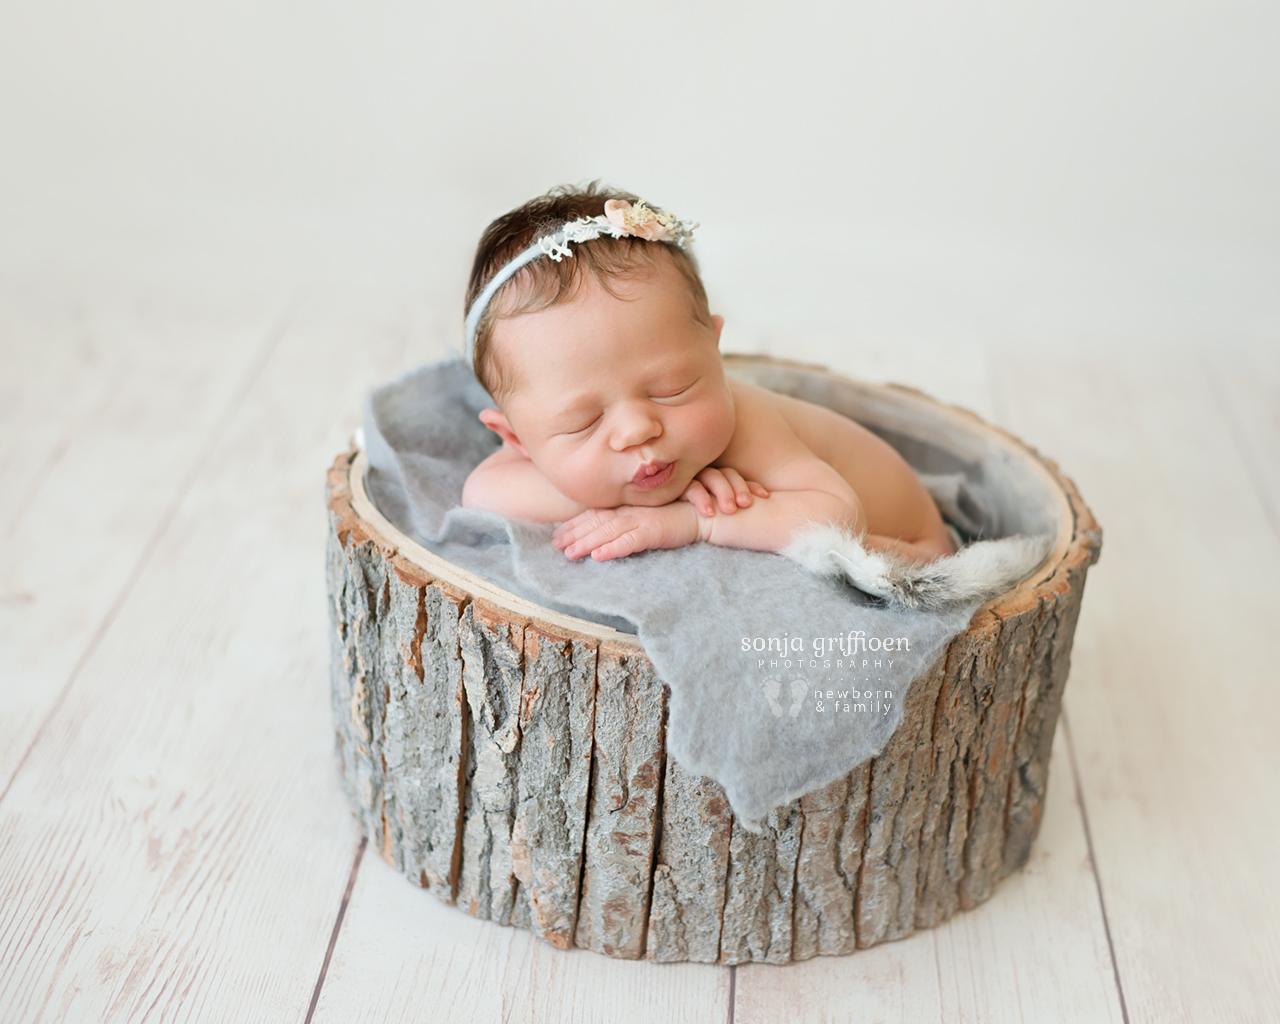 Michelle-Ivy-Newborn-Brisbane-Newborn-Photographer-Sonja-Griffioen-11.jpg